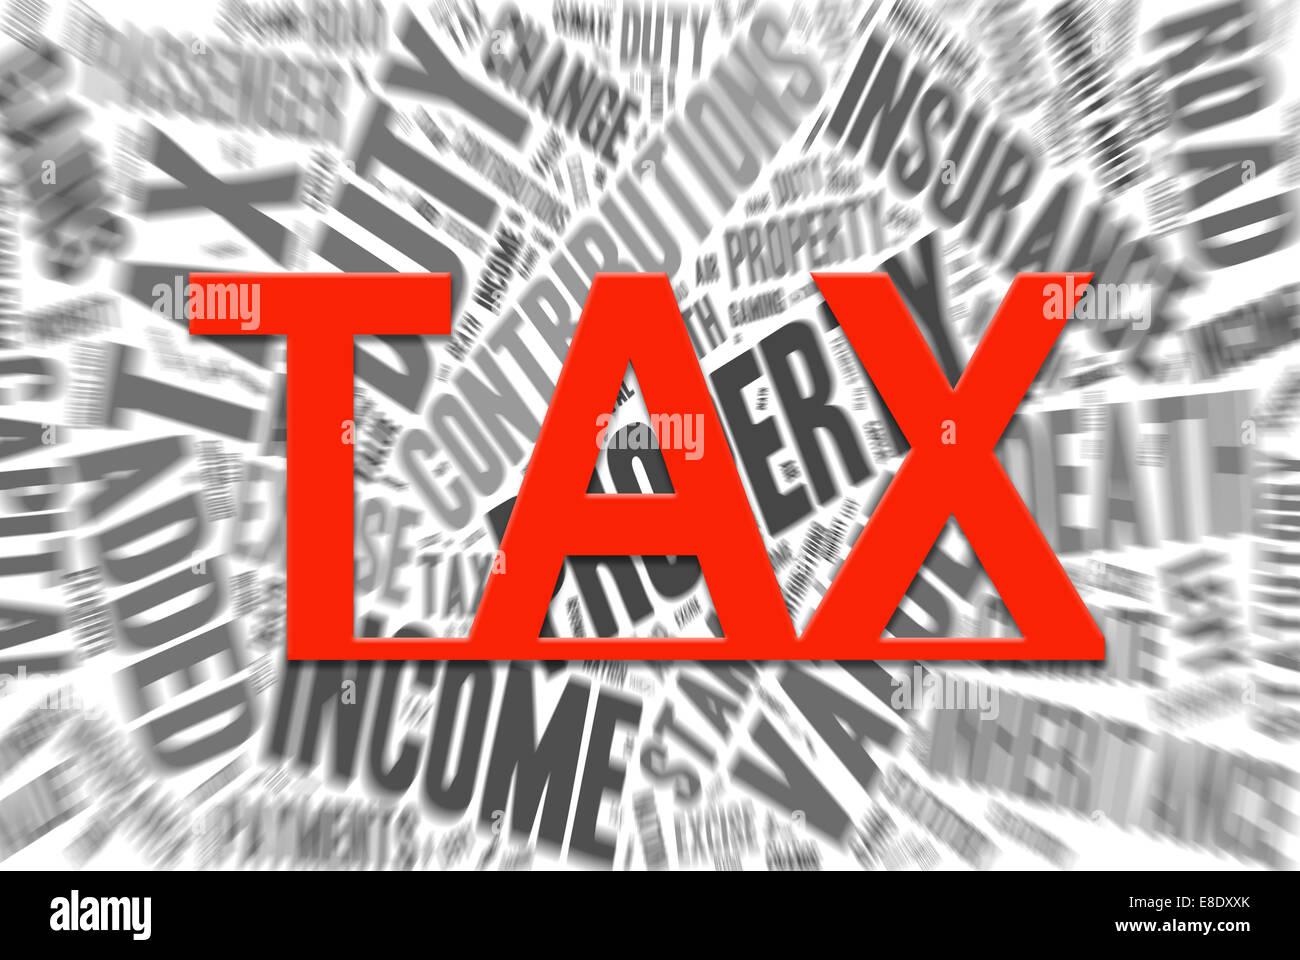 Sammlung von Wörtern, die Steuern in Großbritannien auf. Stockfoto